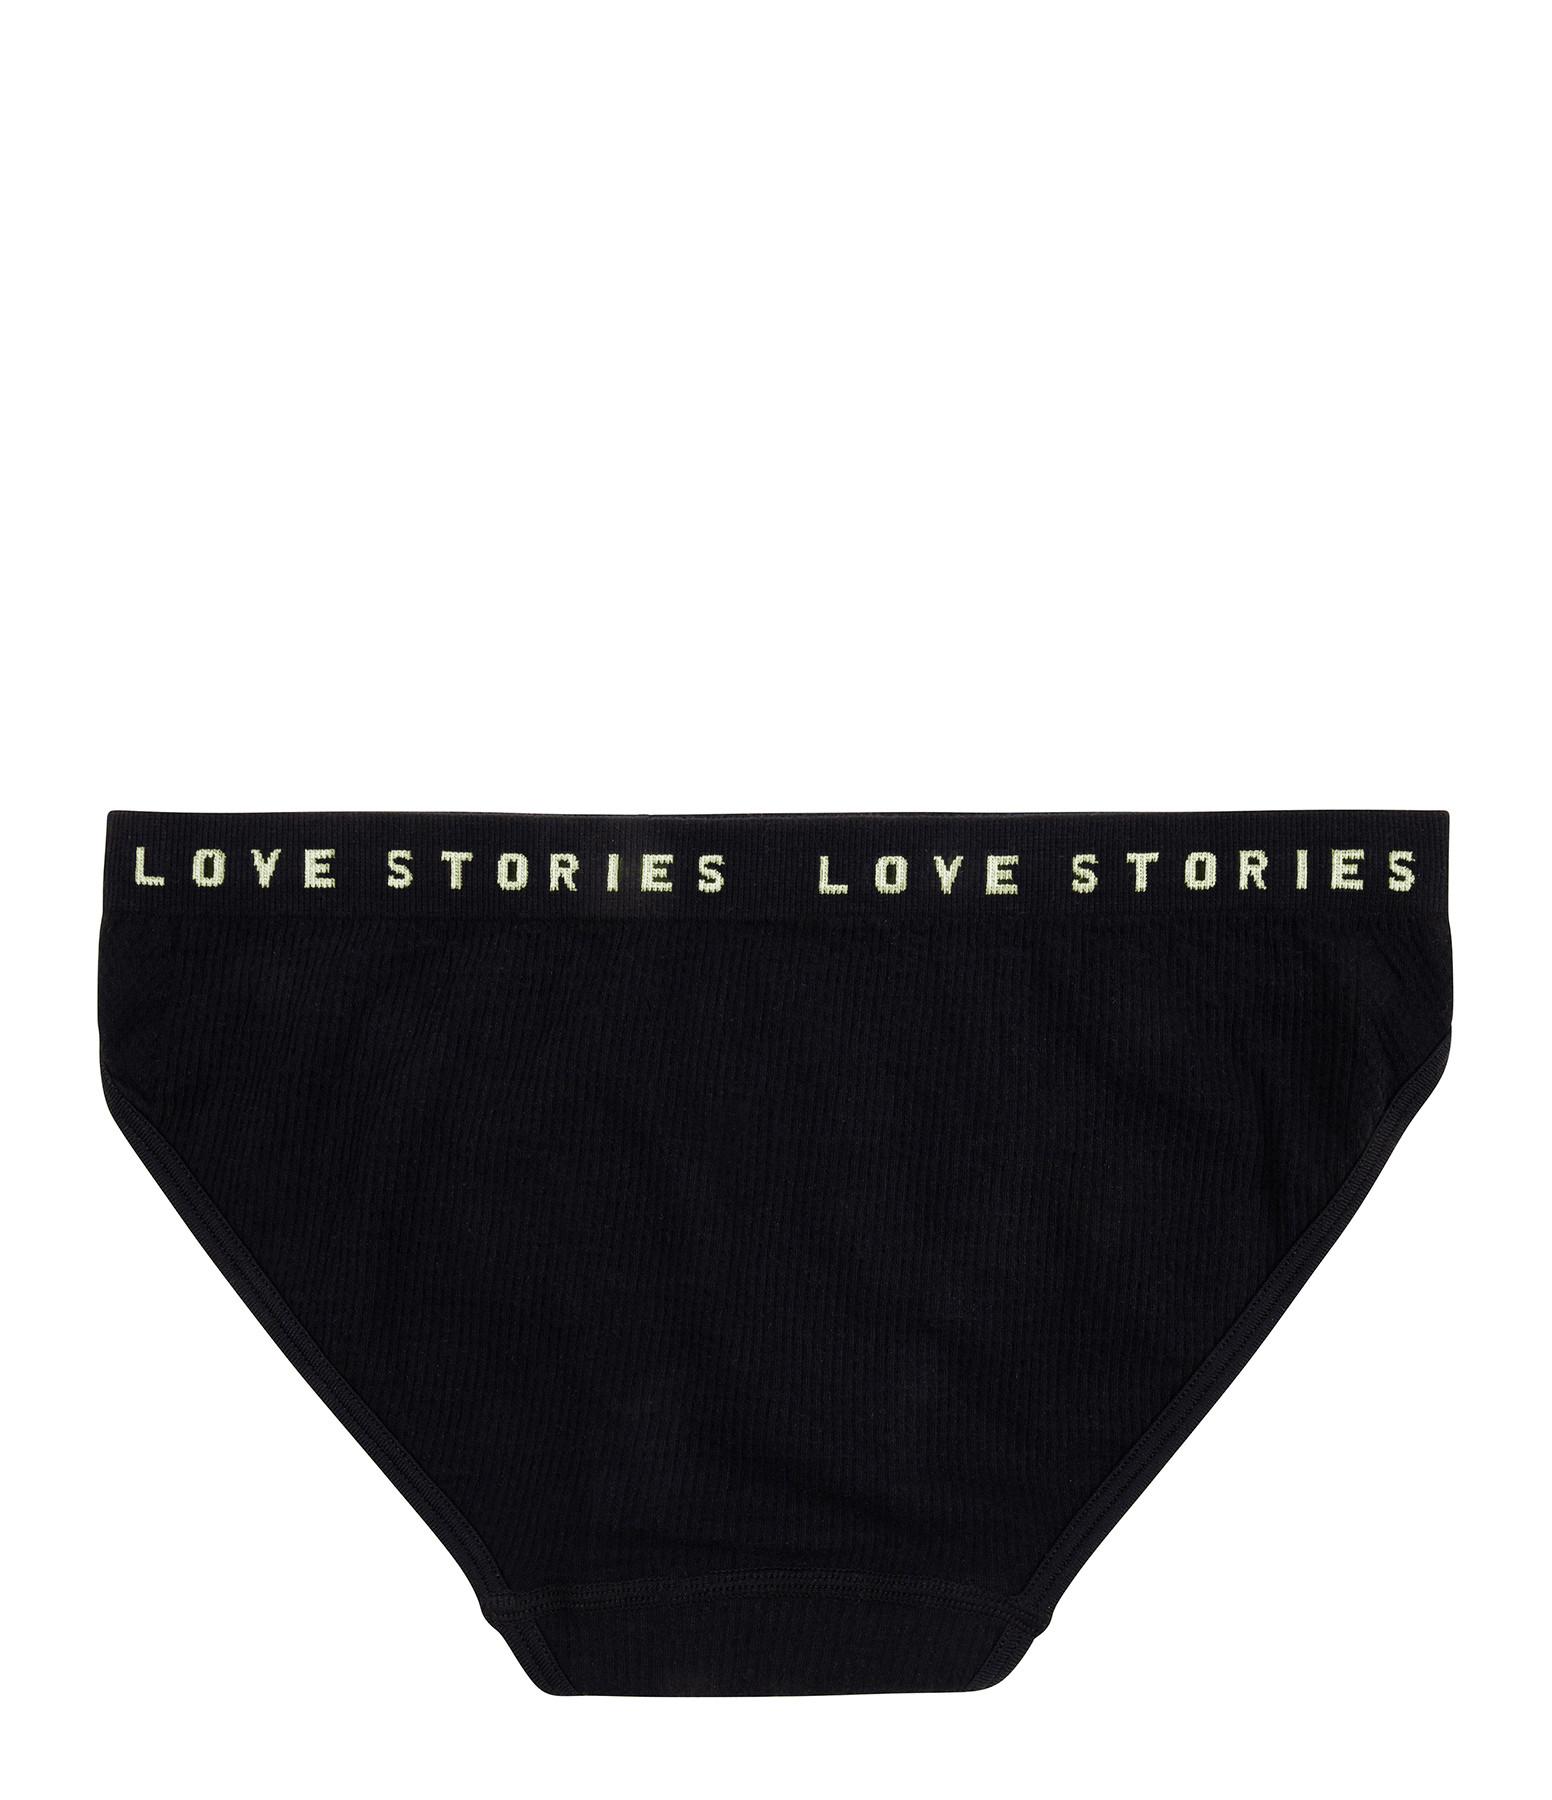 LOVE STORIES - Culotte Truman Noir